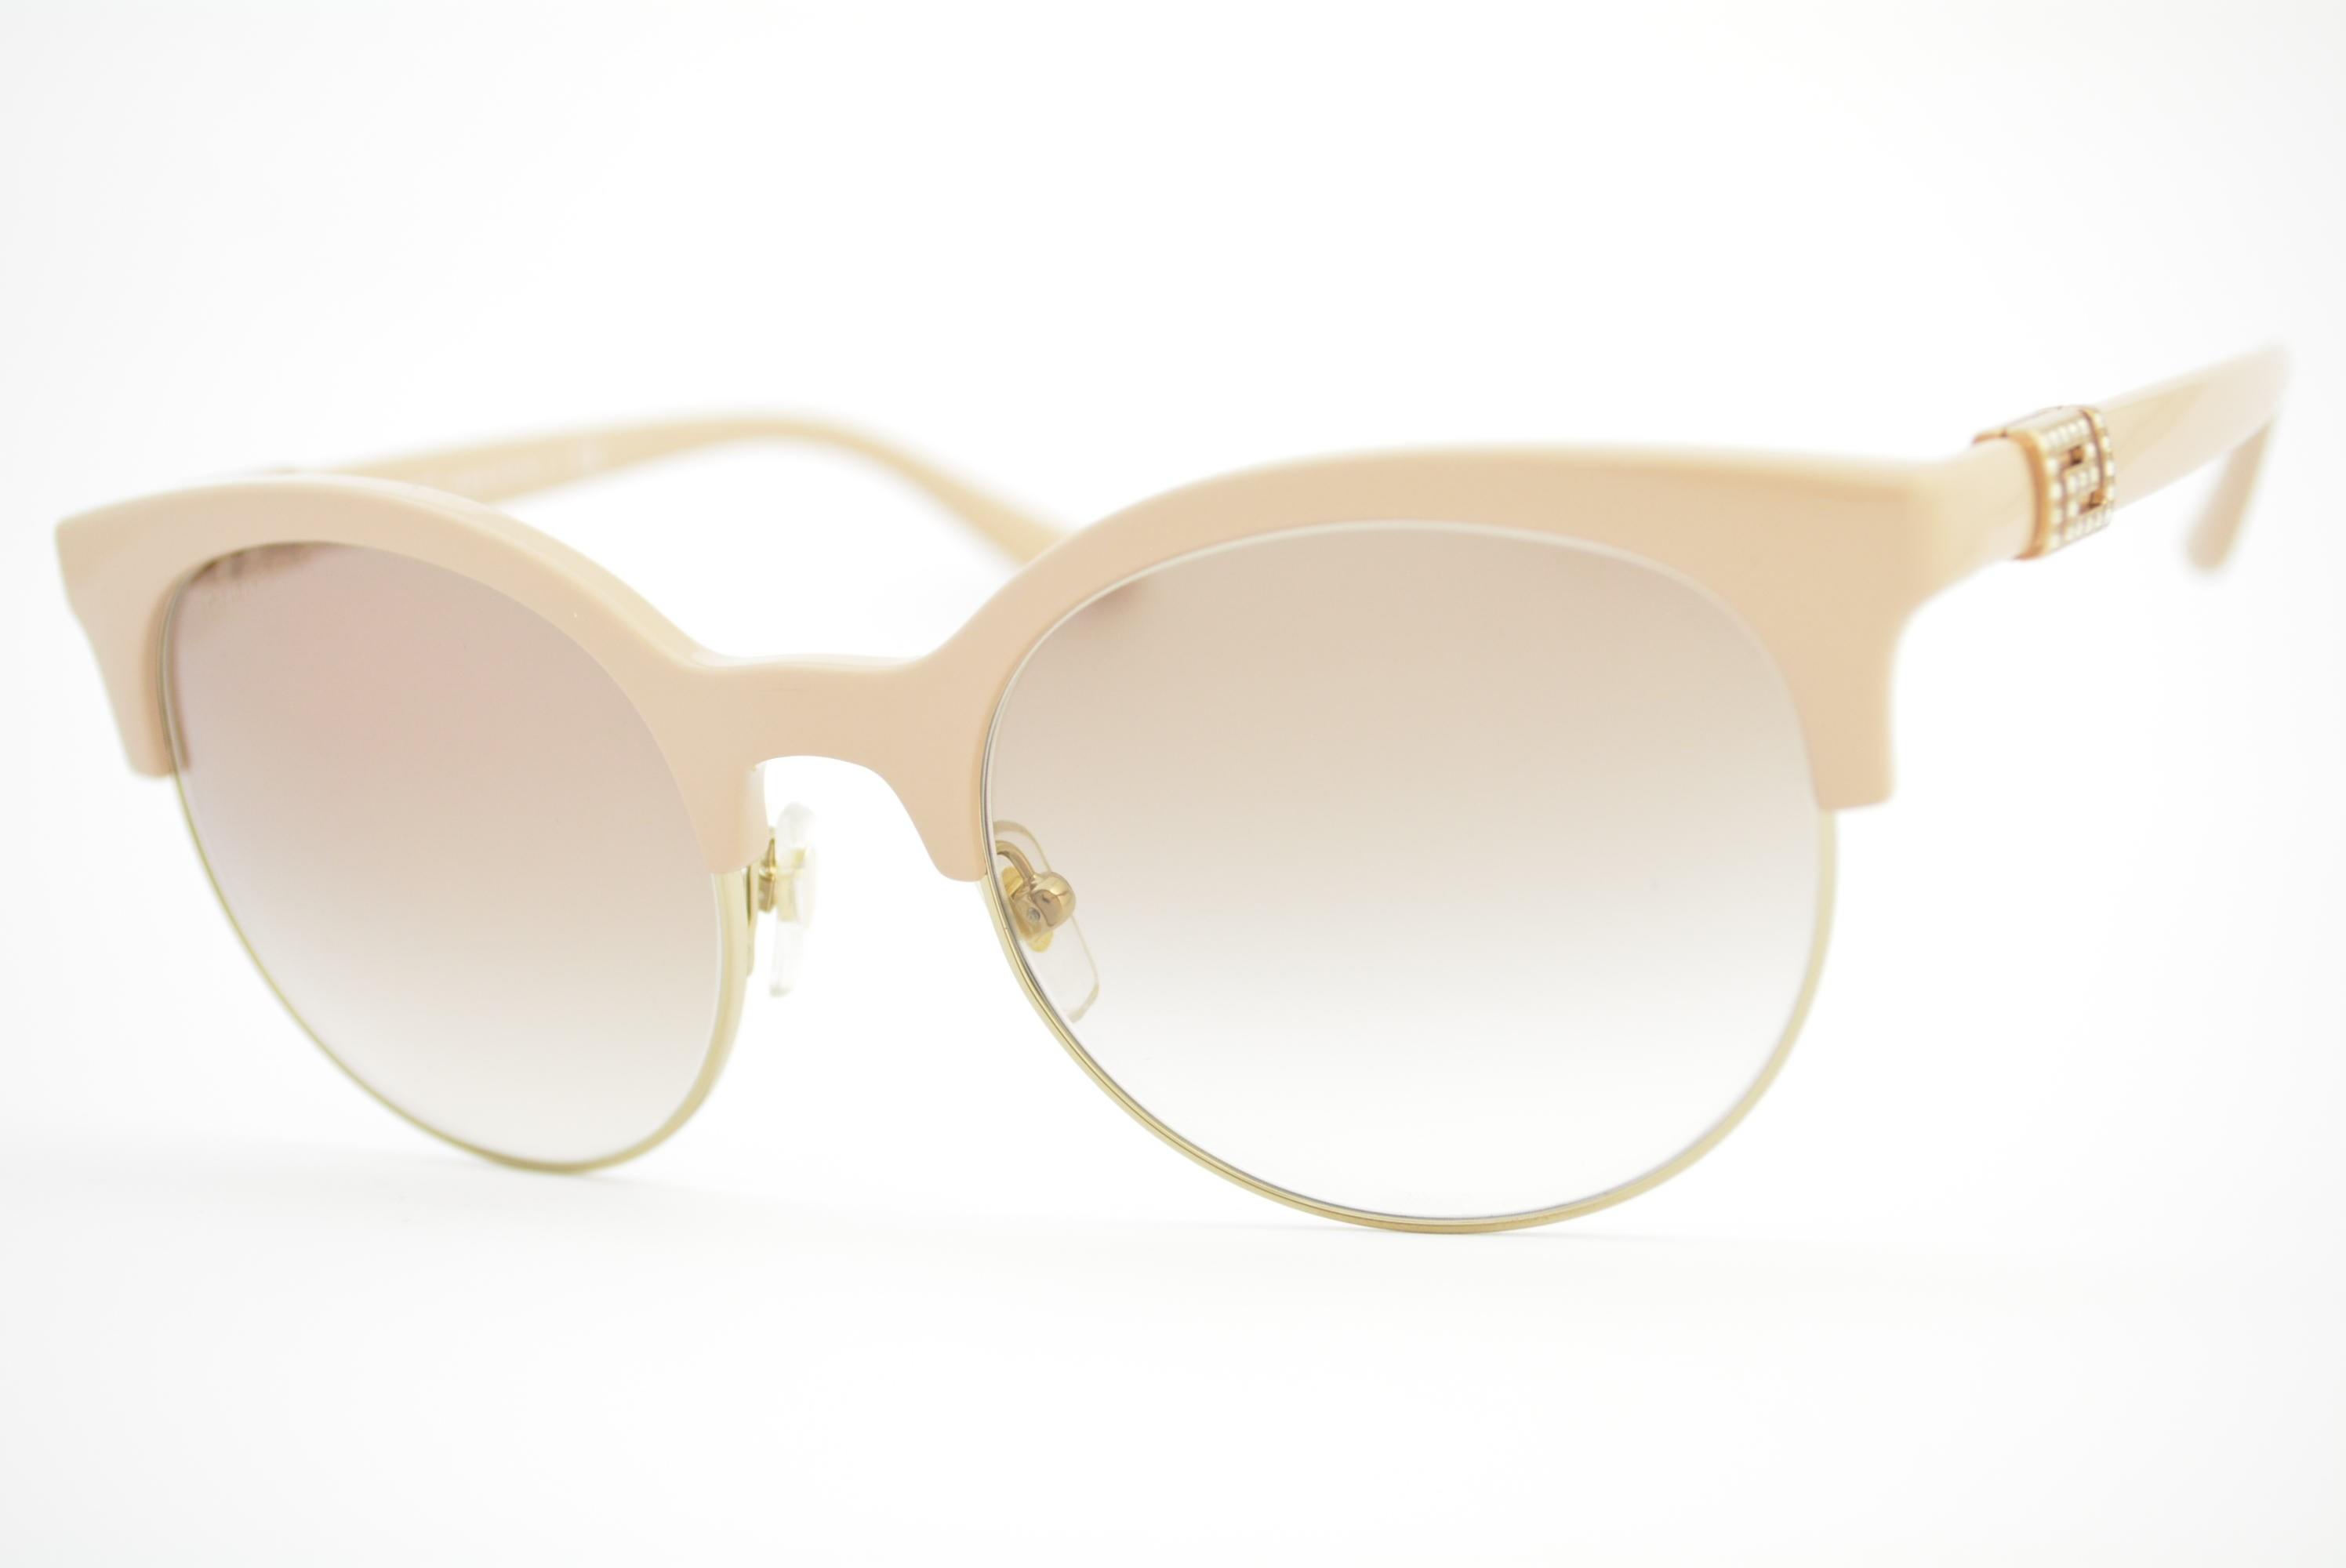 óculos de sol Versace mod 4326-B 5222 13 Ótica Cardoso bc8768d21f